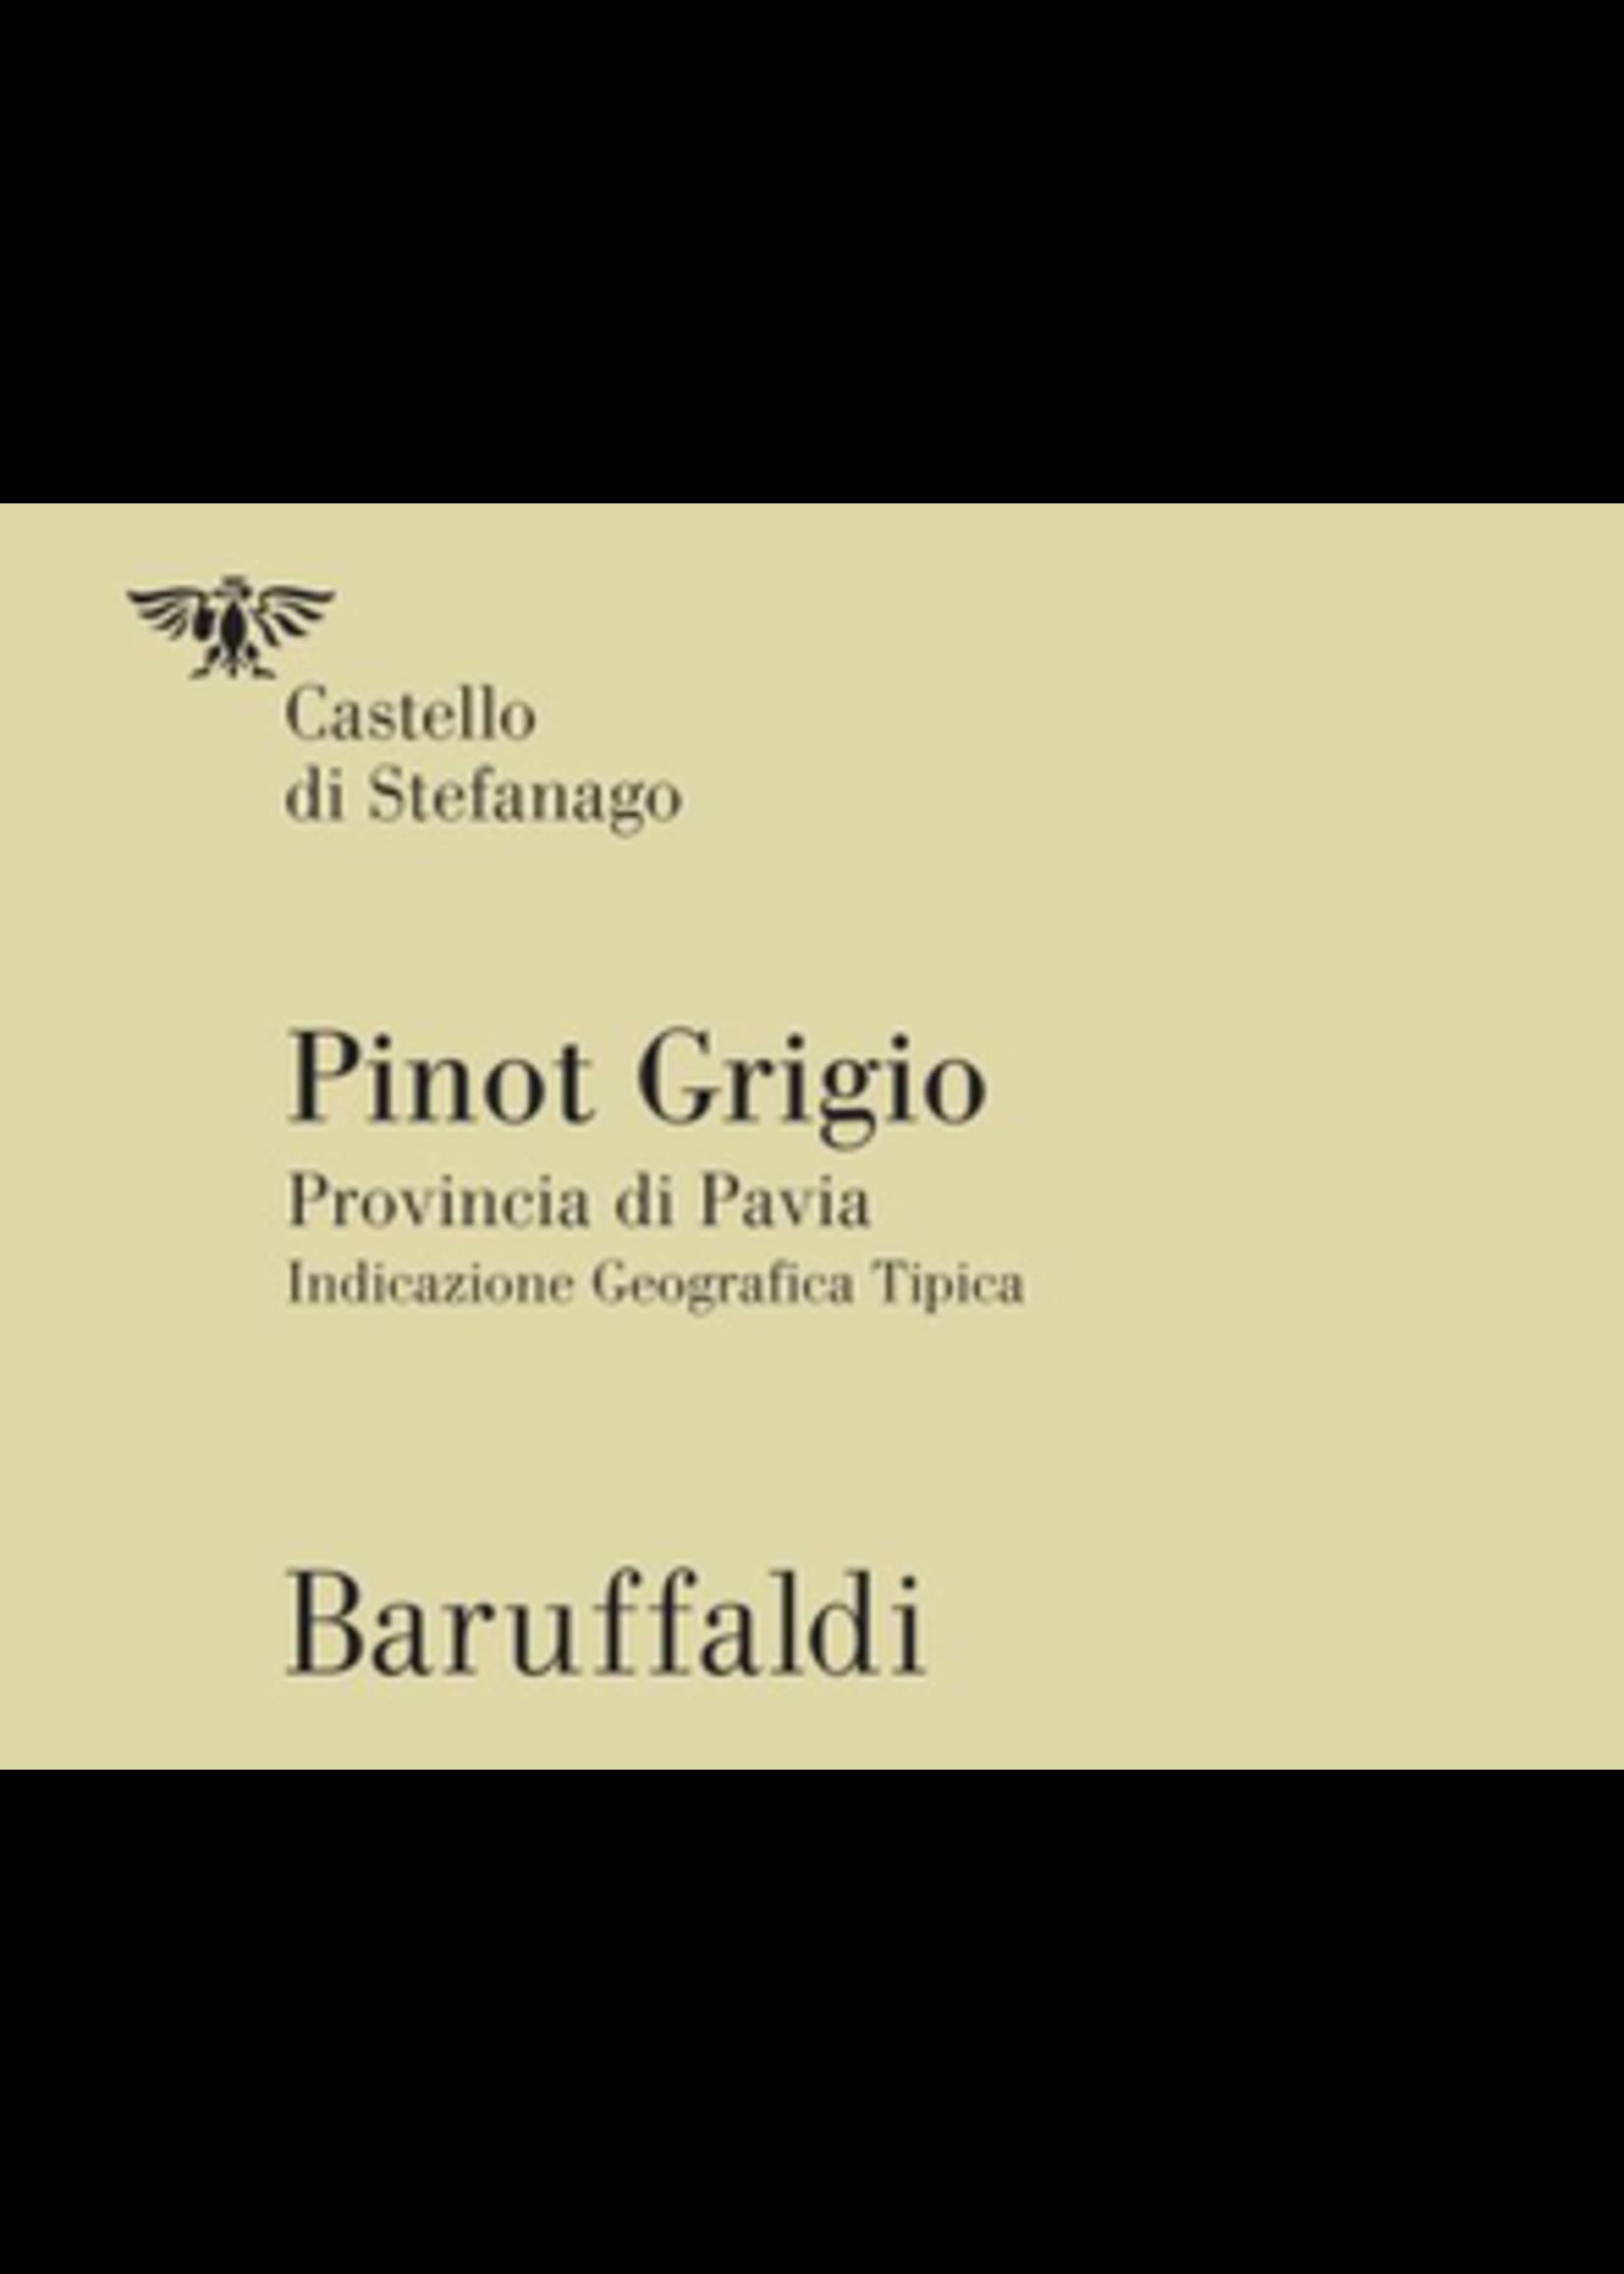 Castello di Stefanago Castello di Stefanago / Provincia di Pavia / Pinot Grigio Campo Piano / 750mL